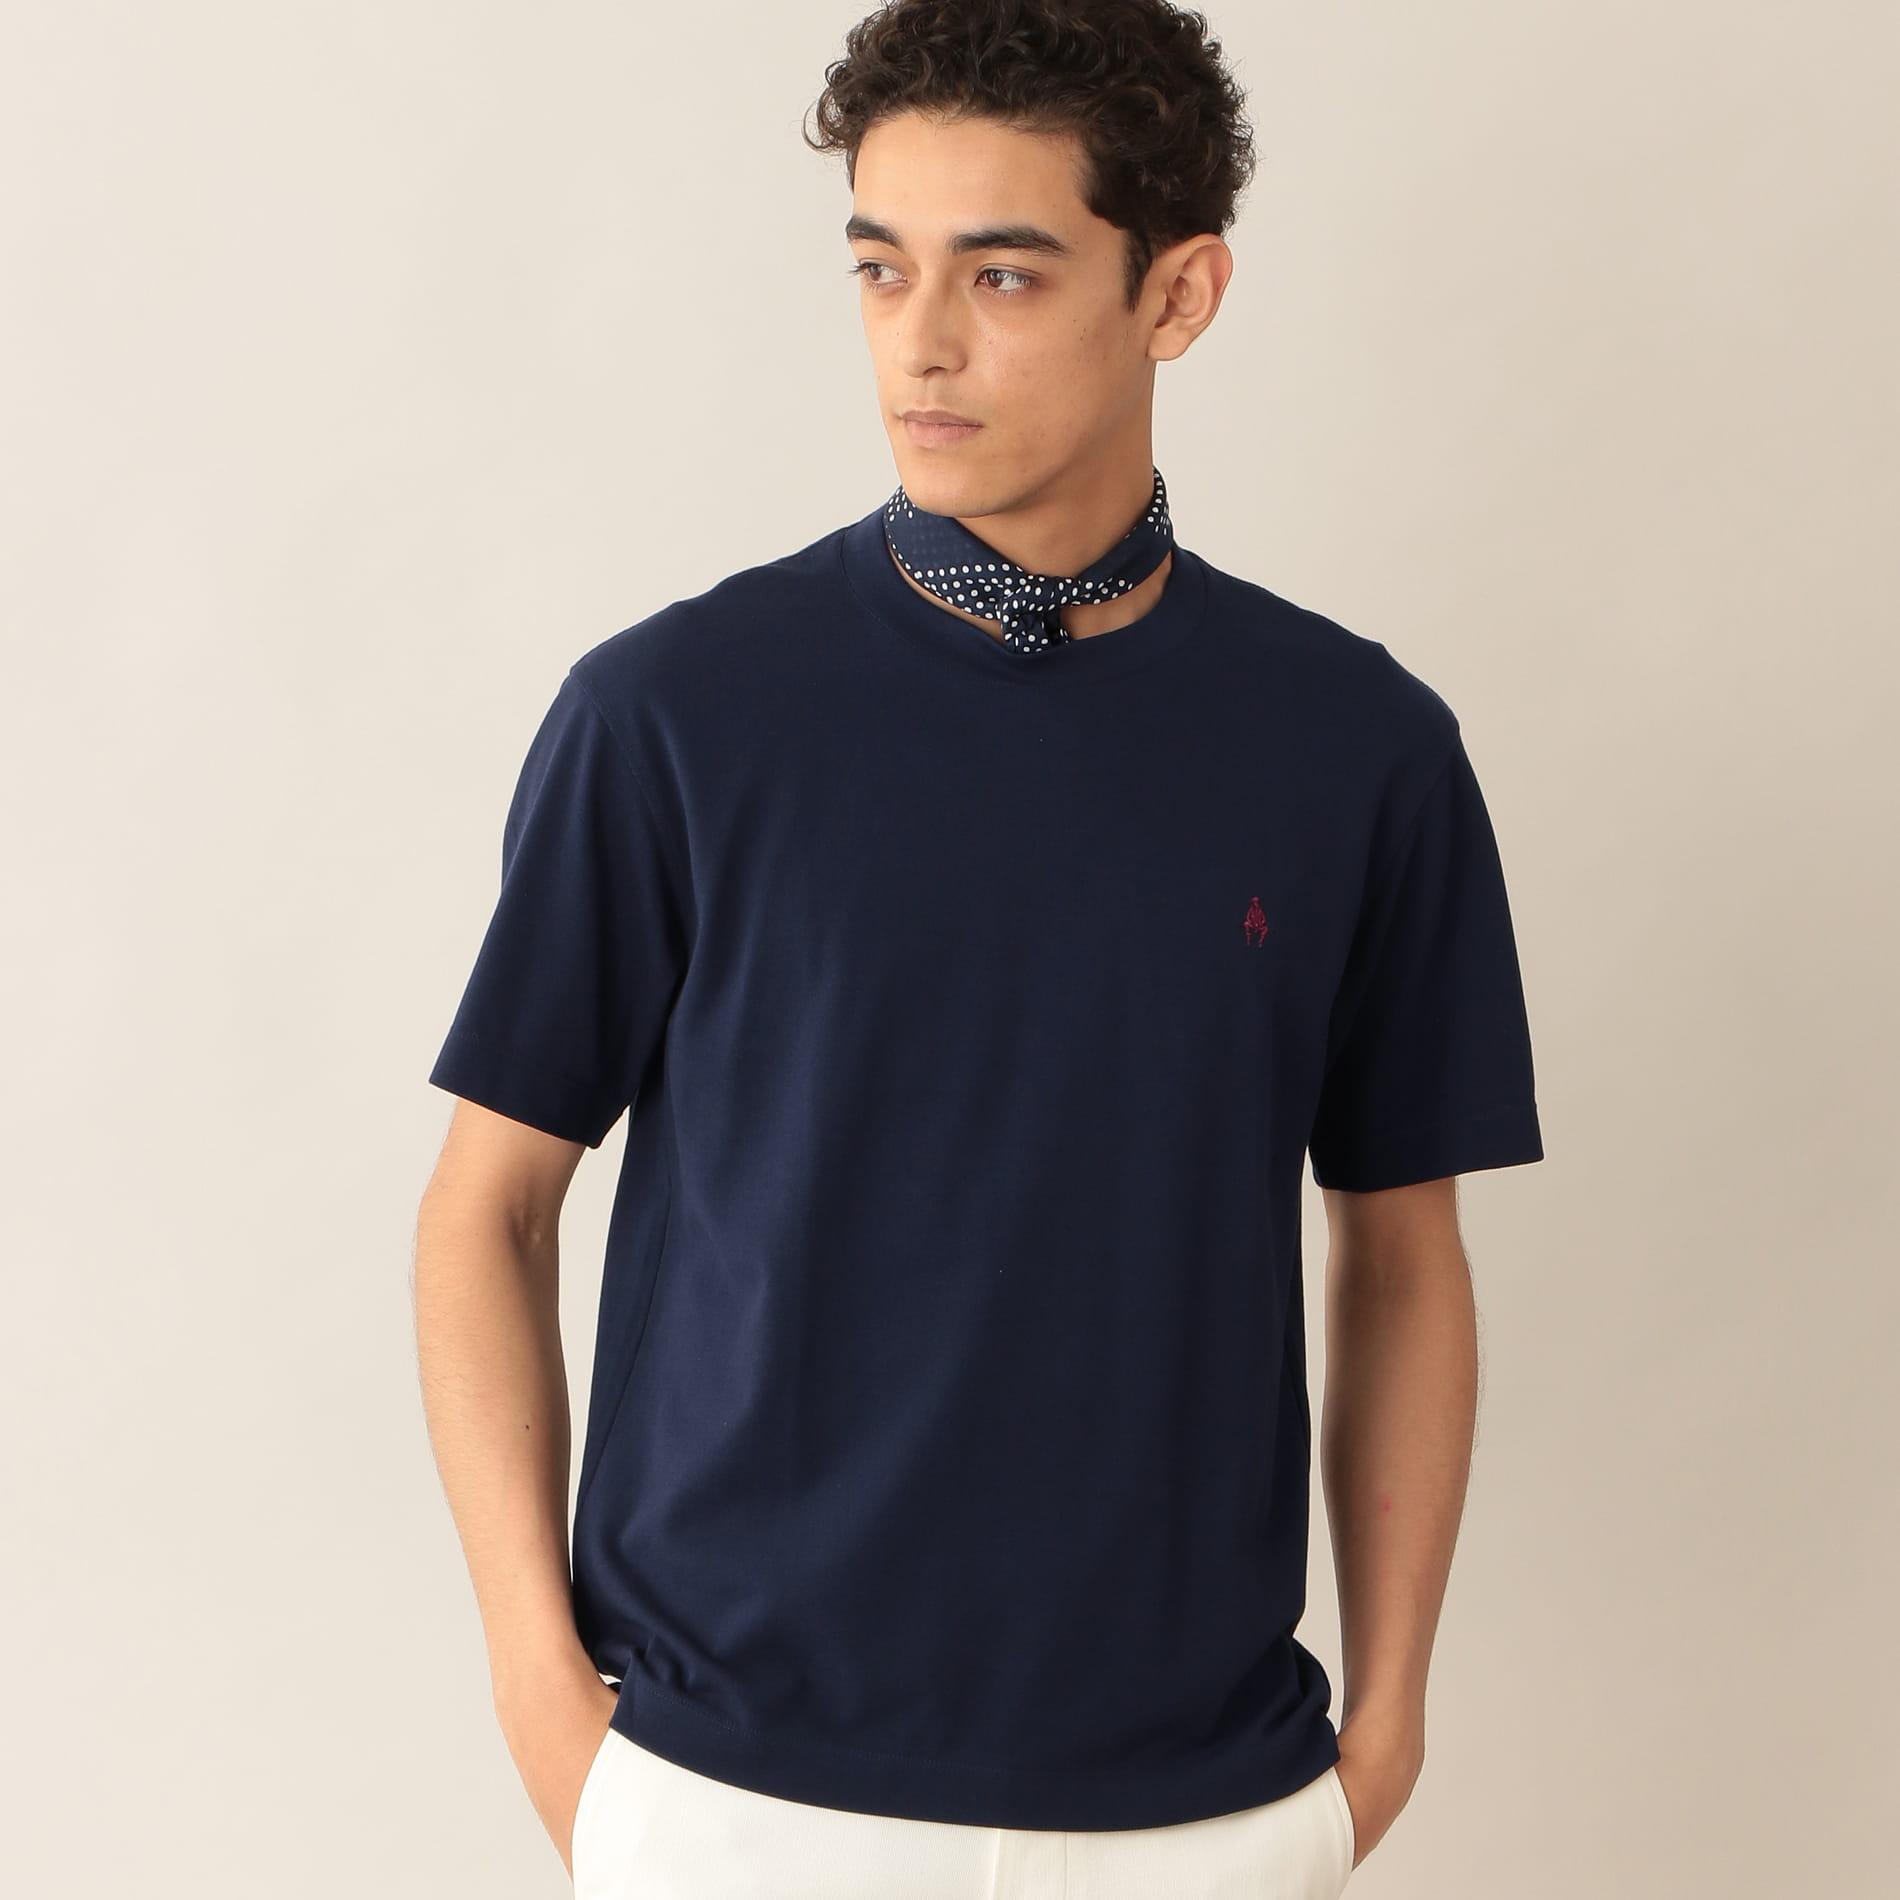 [ 22%OFF ] MOF刺繍入りエジプシャンコットンカノコTシャツ/アイコンTシャツ